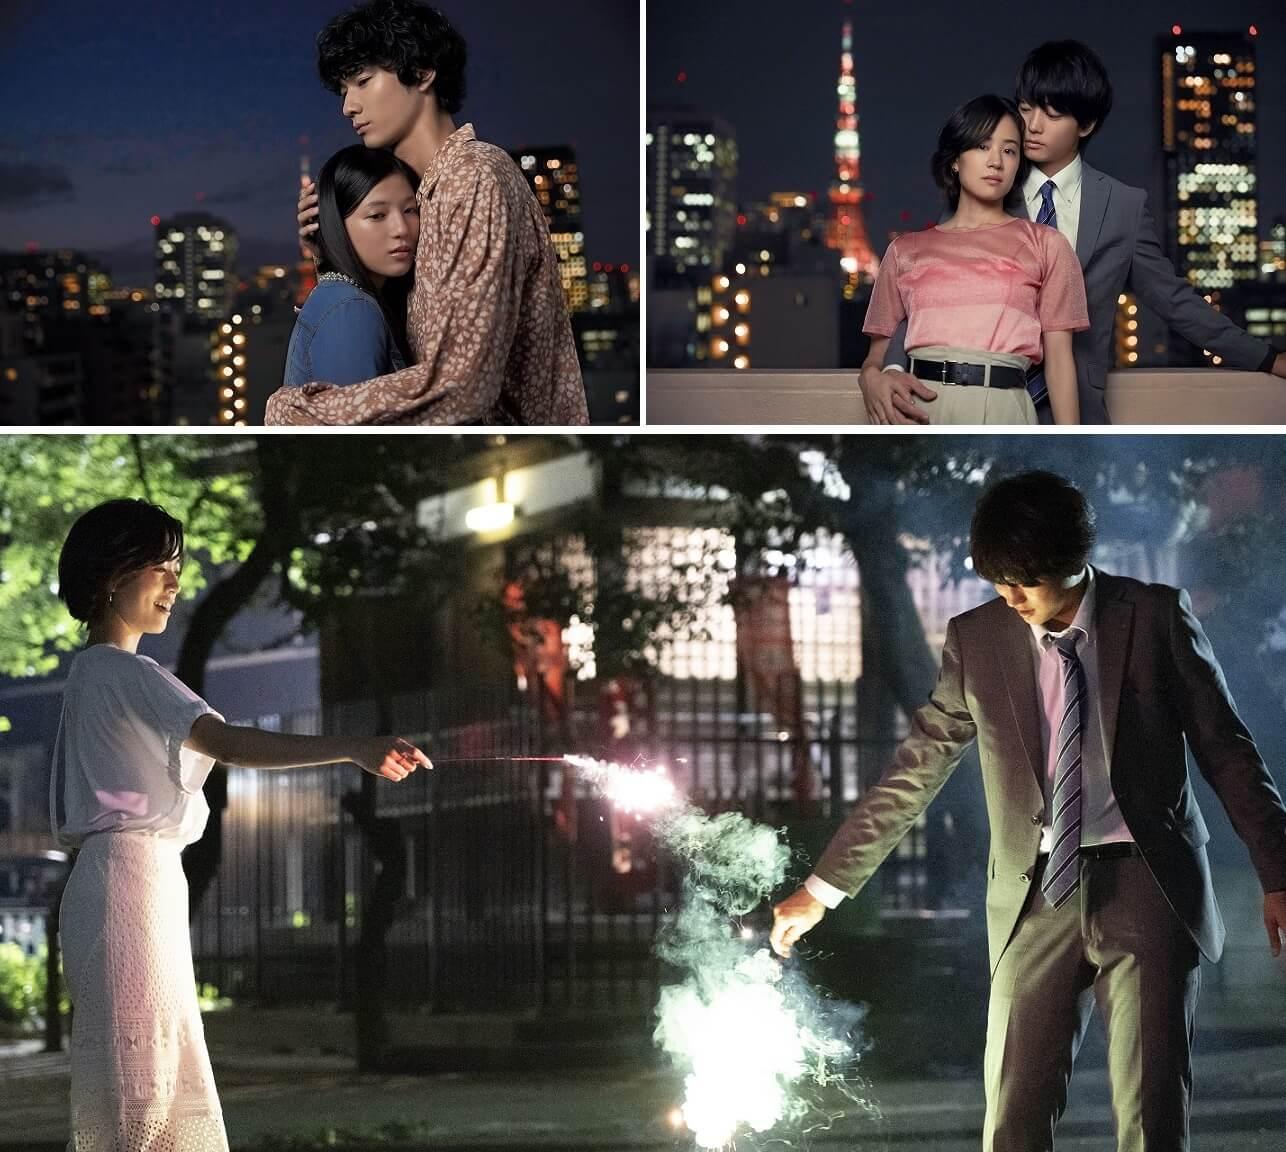 由柴門文漫畫原著改編的《東京愛的故事》剛剛開播,新版由伊藤健太郎、石橋靜河、清原翔主演。